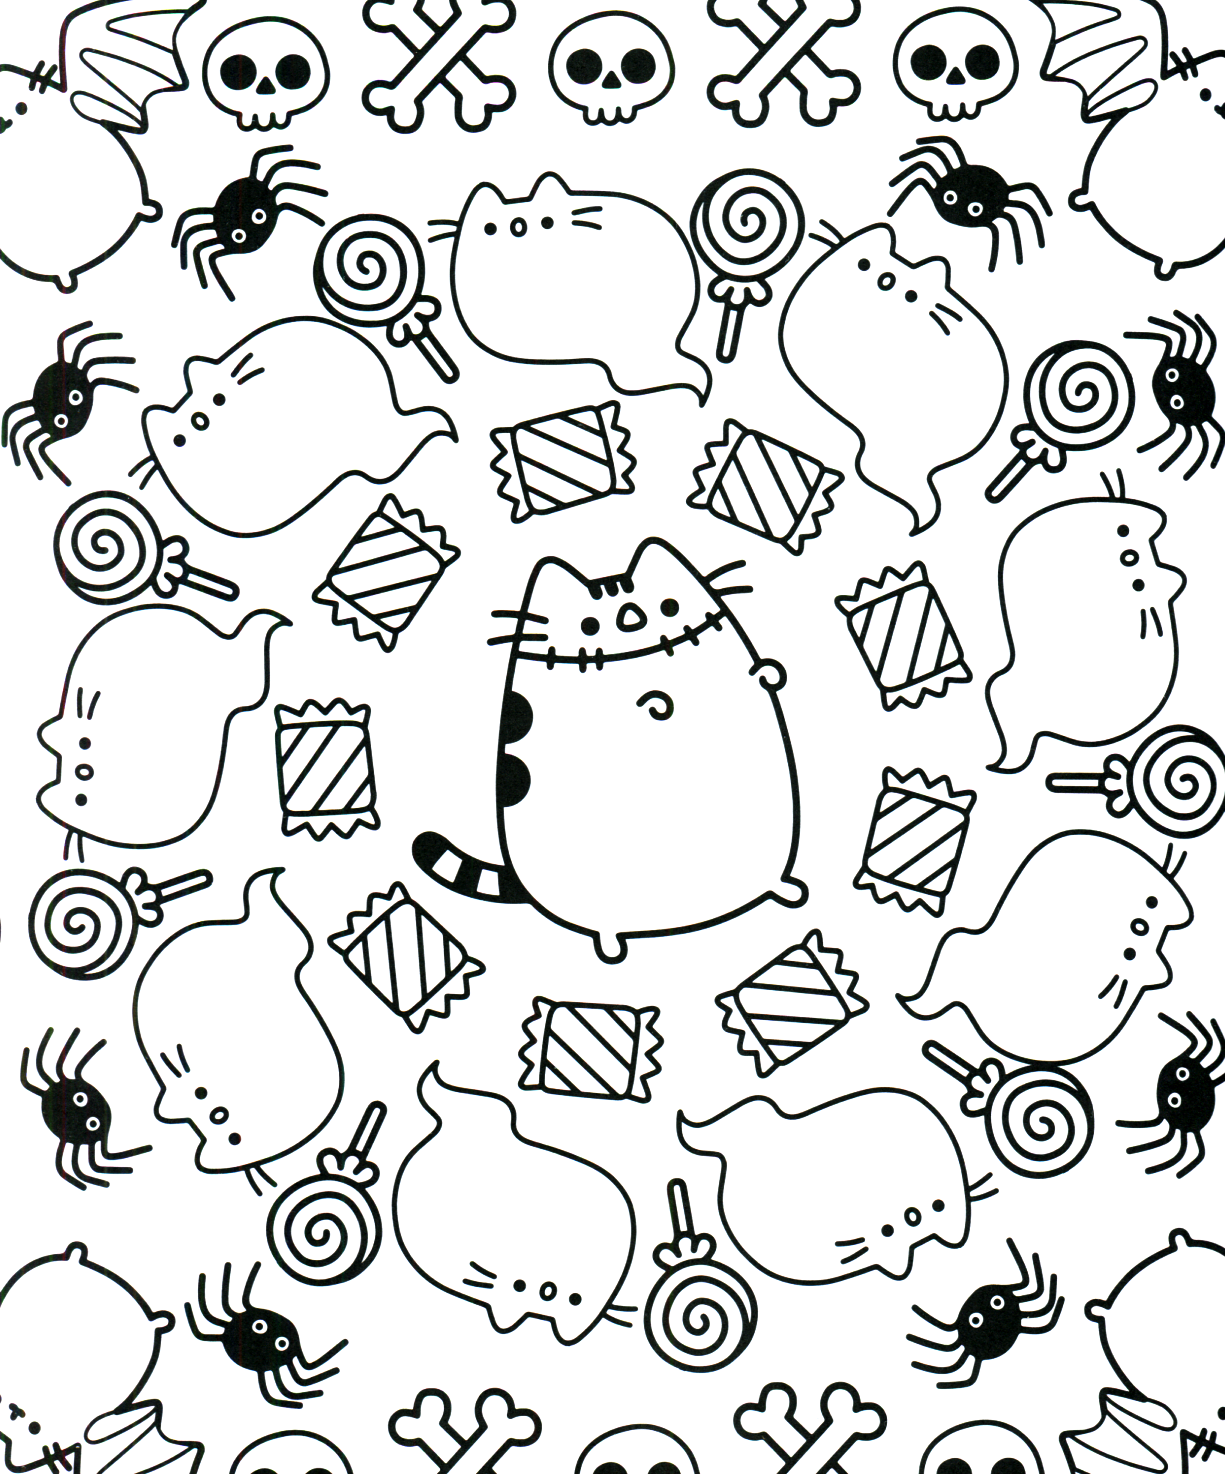 Pusheen Coloring Book Pusheen Pusheen the Cat #